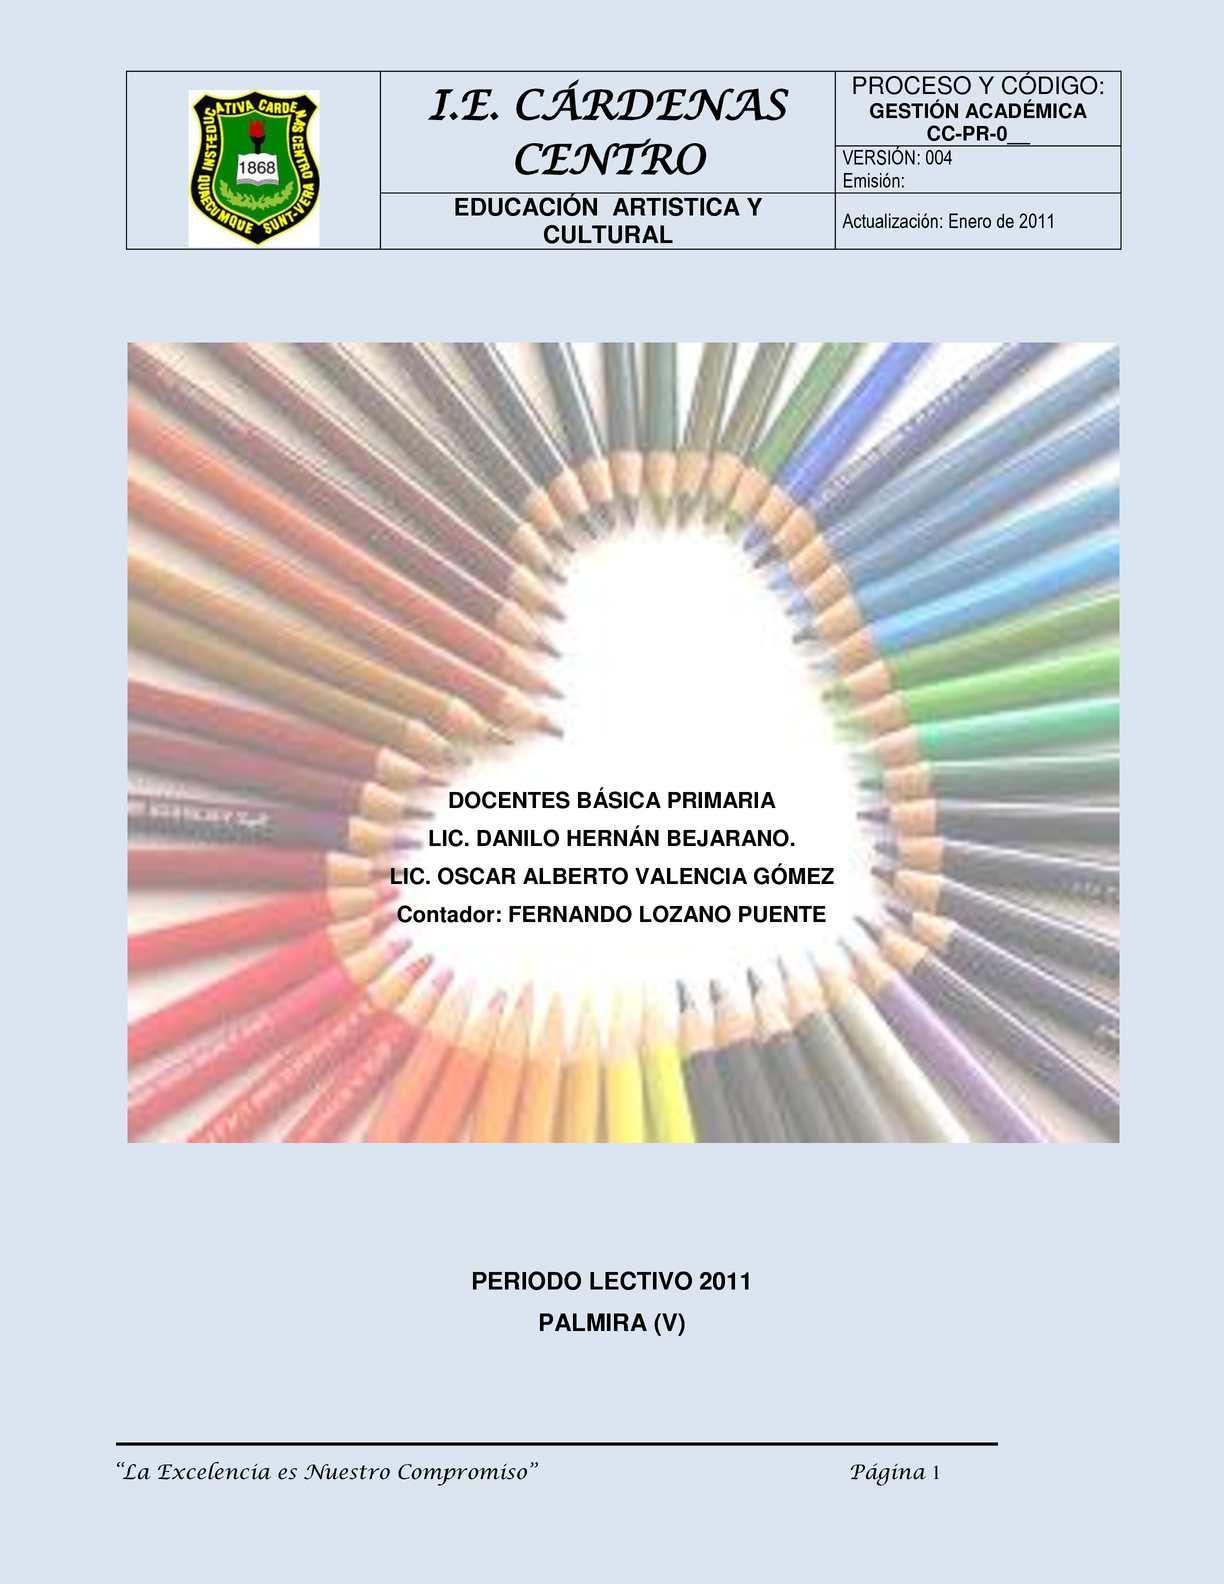 Plan de área Educación Artística y Cultural  IECC 2011